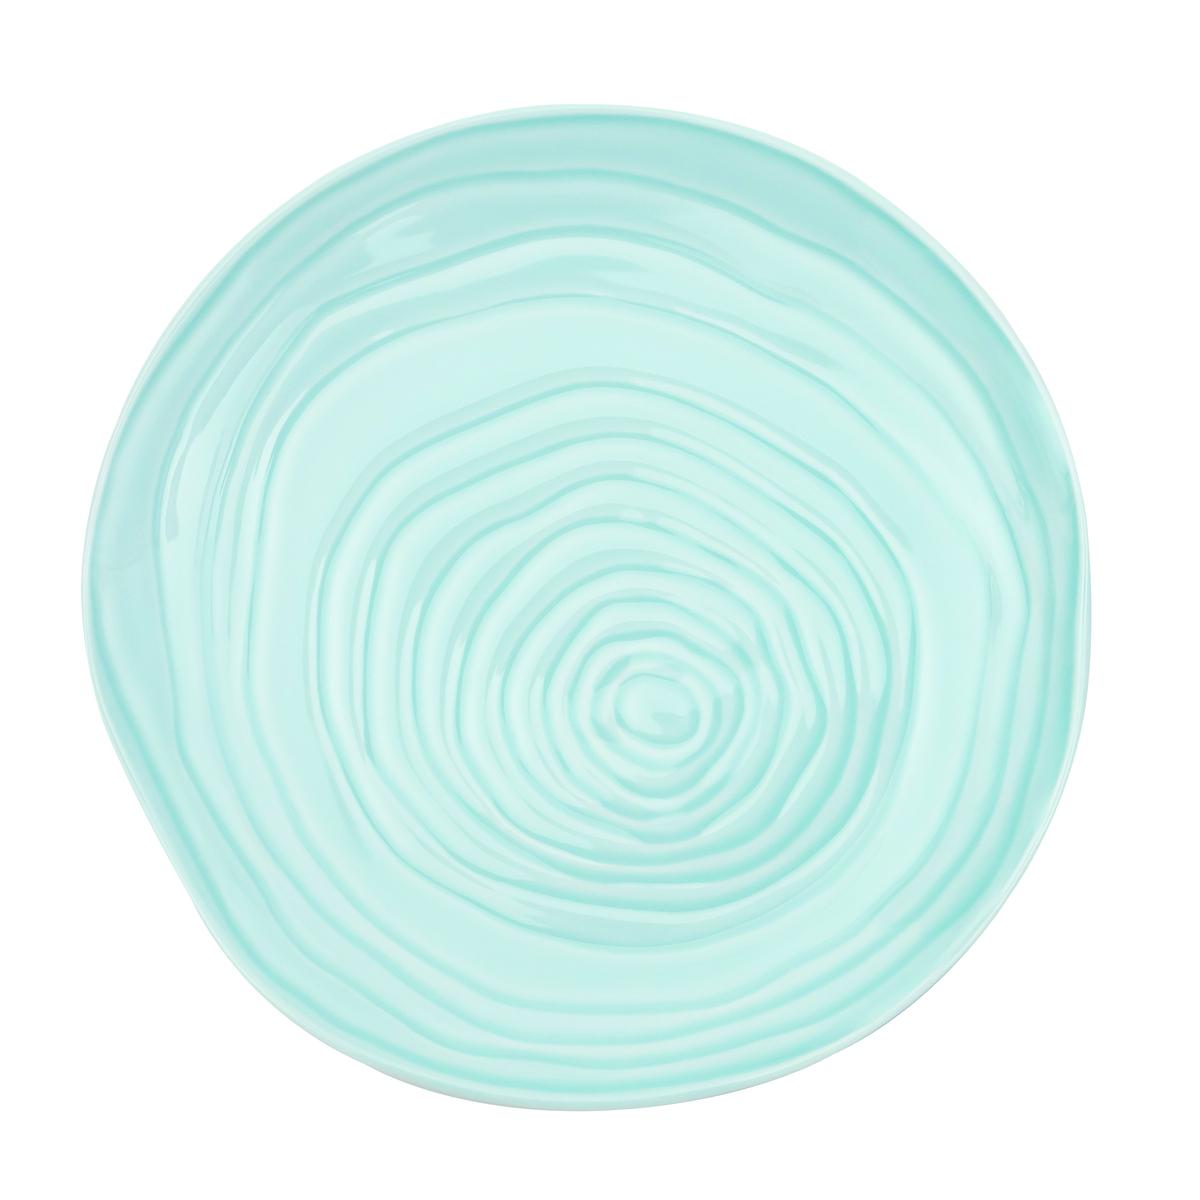 Assiette coupe plate ronde bleu clair porcelaine Ø 16 cm Teck Pillivuyt